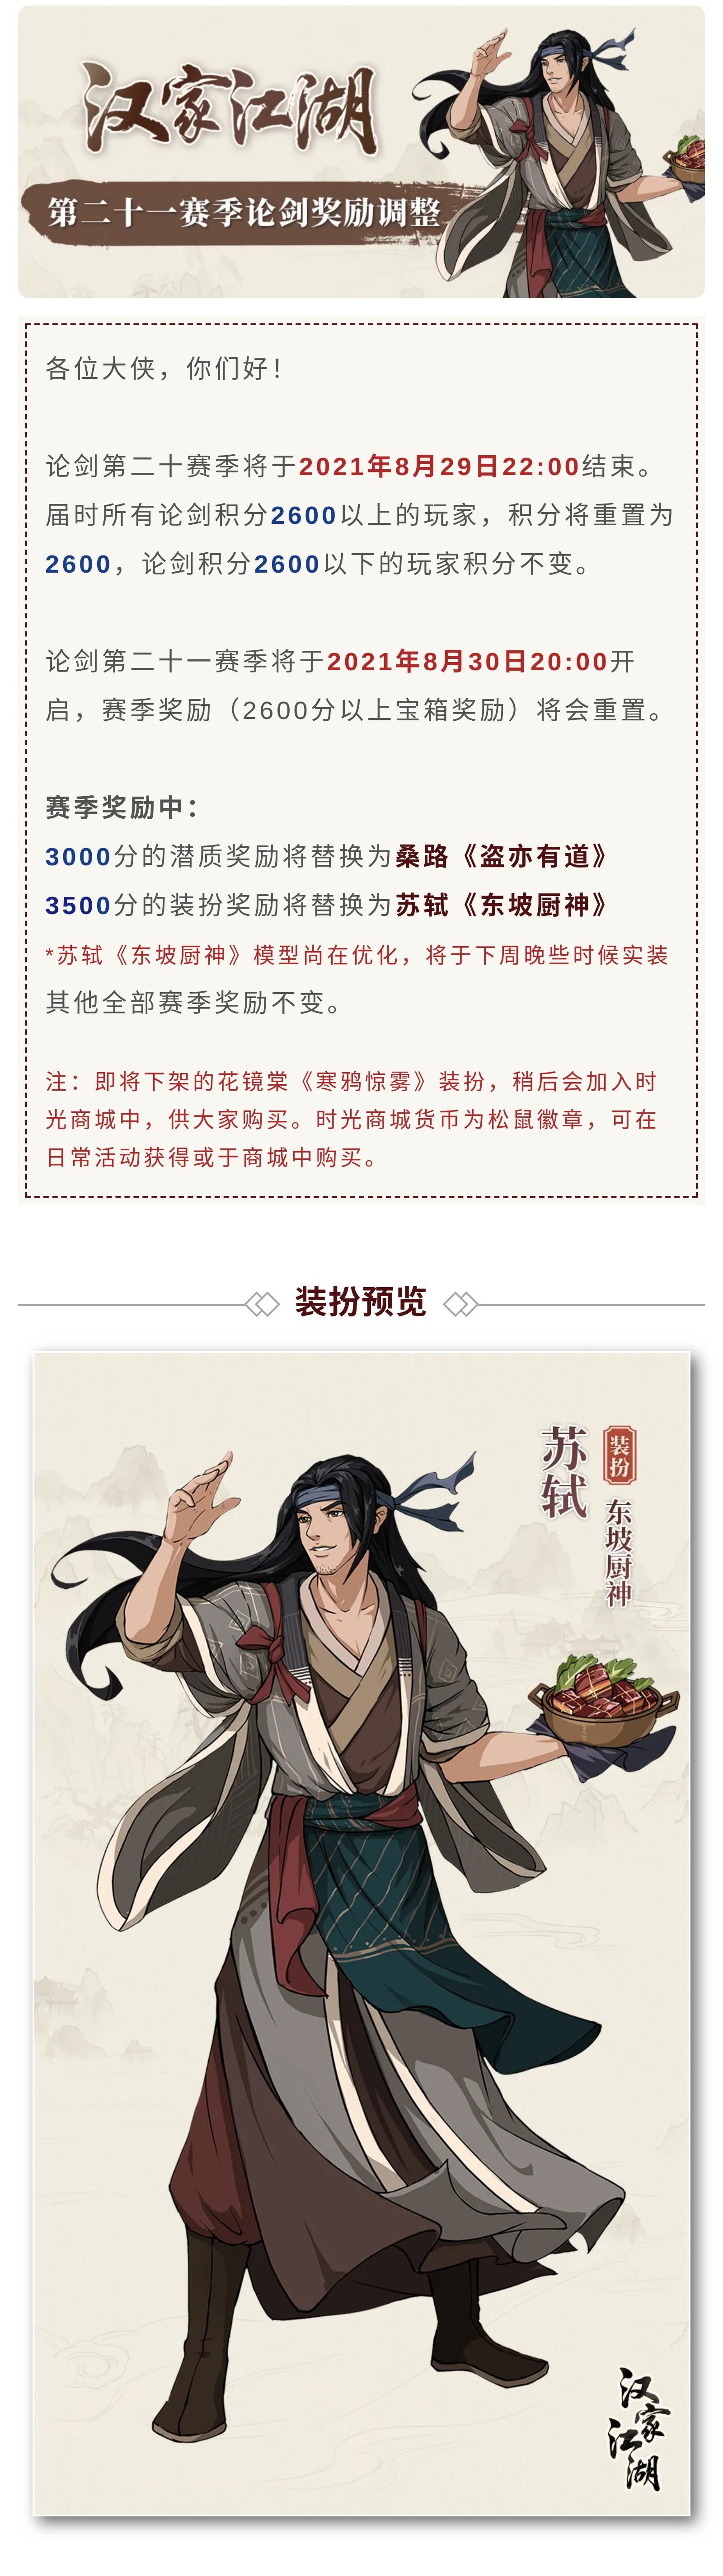 【汉家江湖】第二十一赛季论剑奖励调整